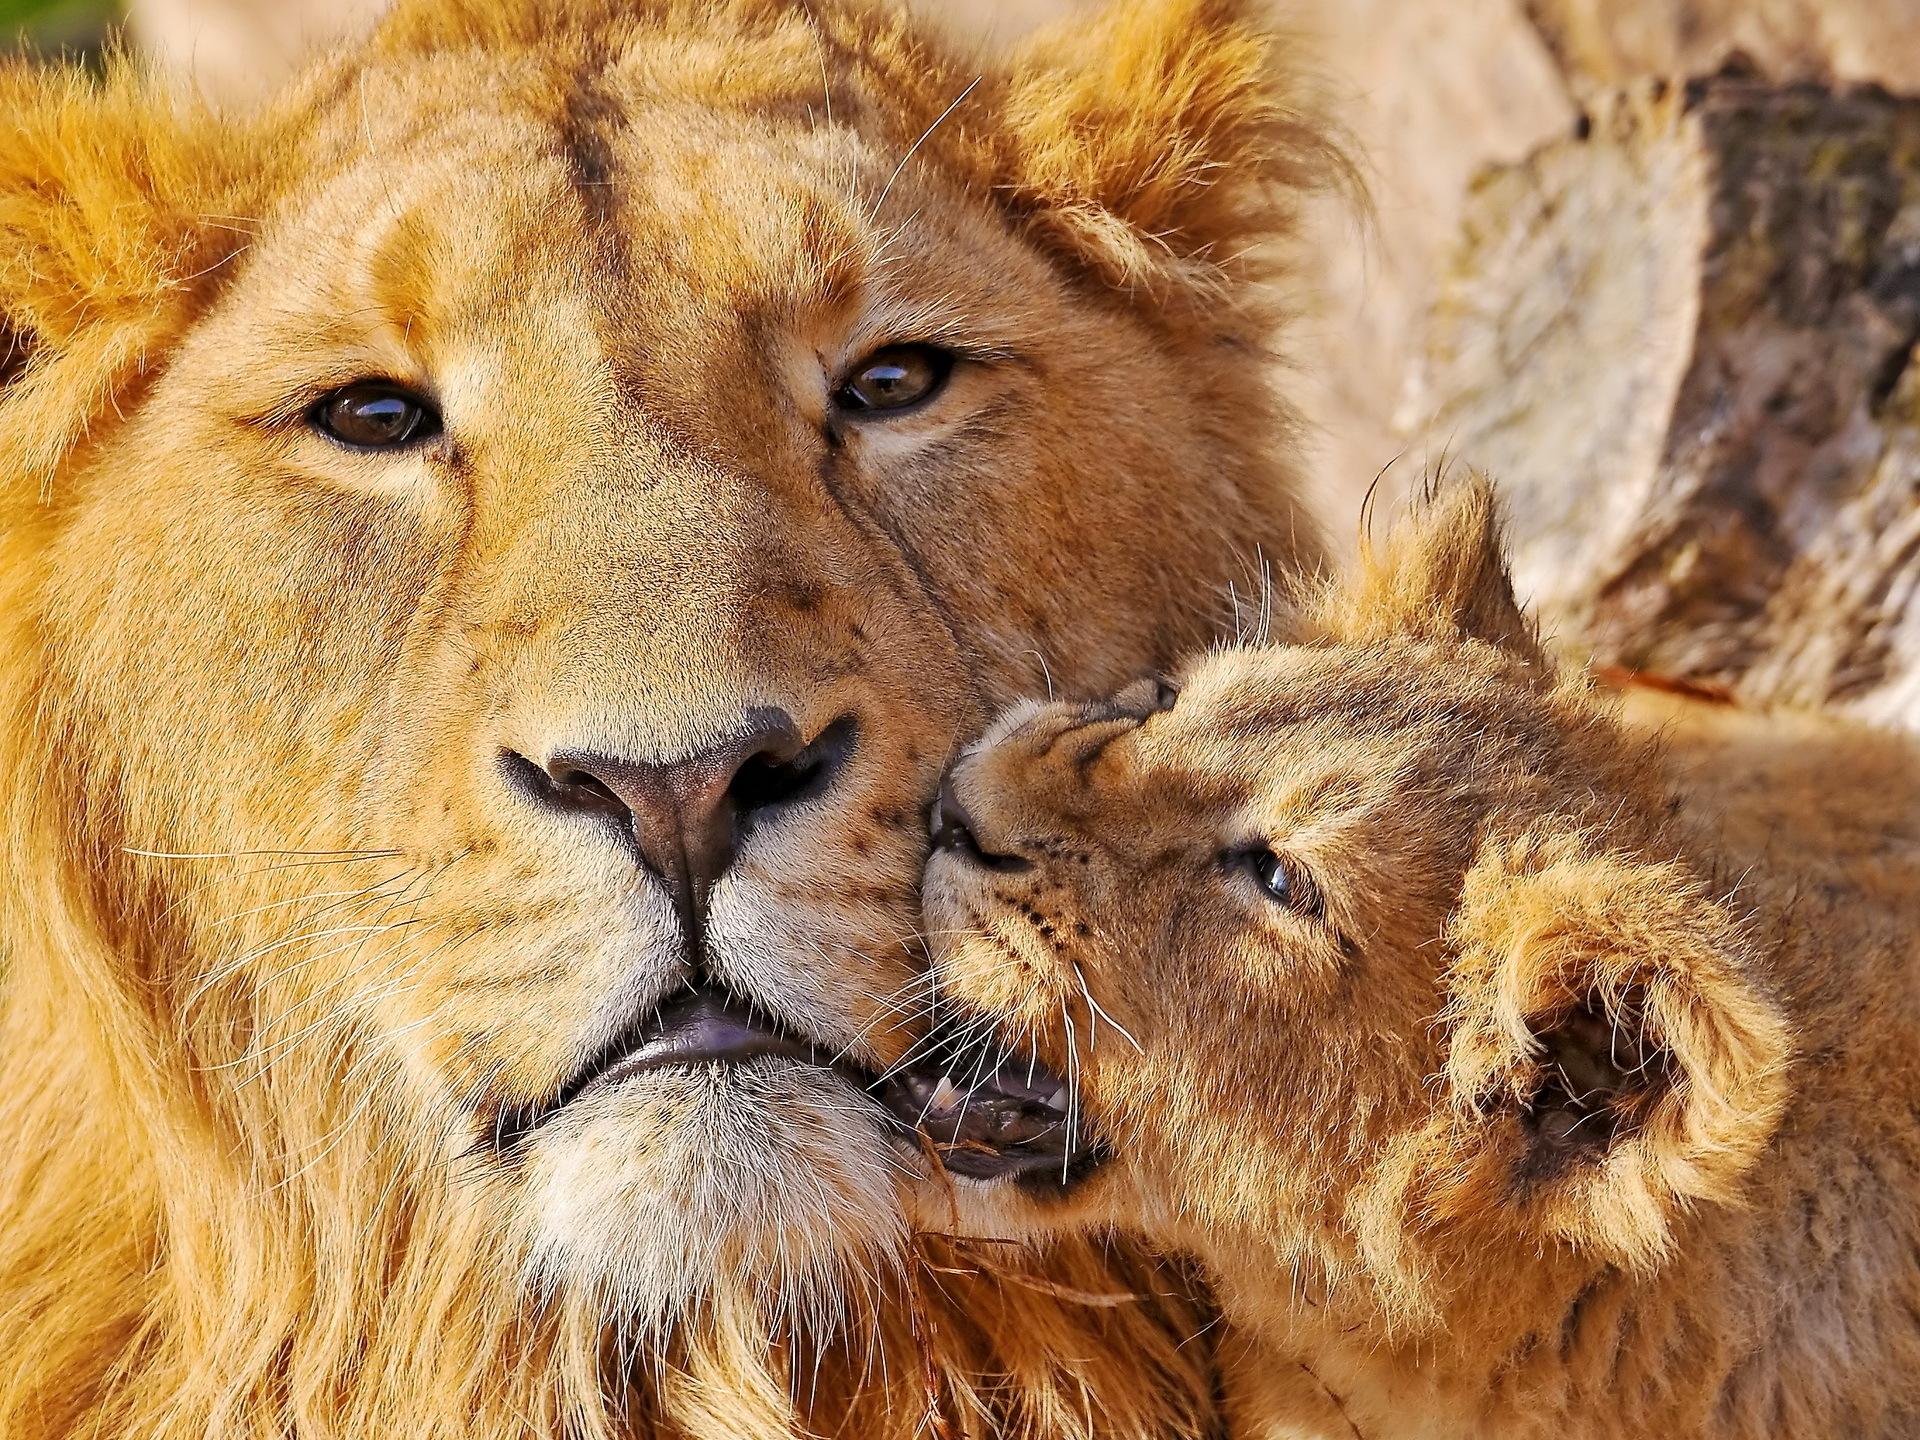 Fond D Ecran Lion Visage Lionceau Espiegle Soins